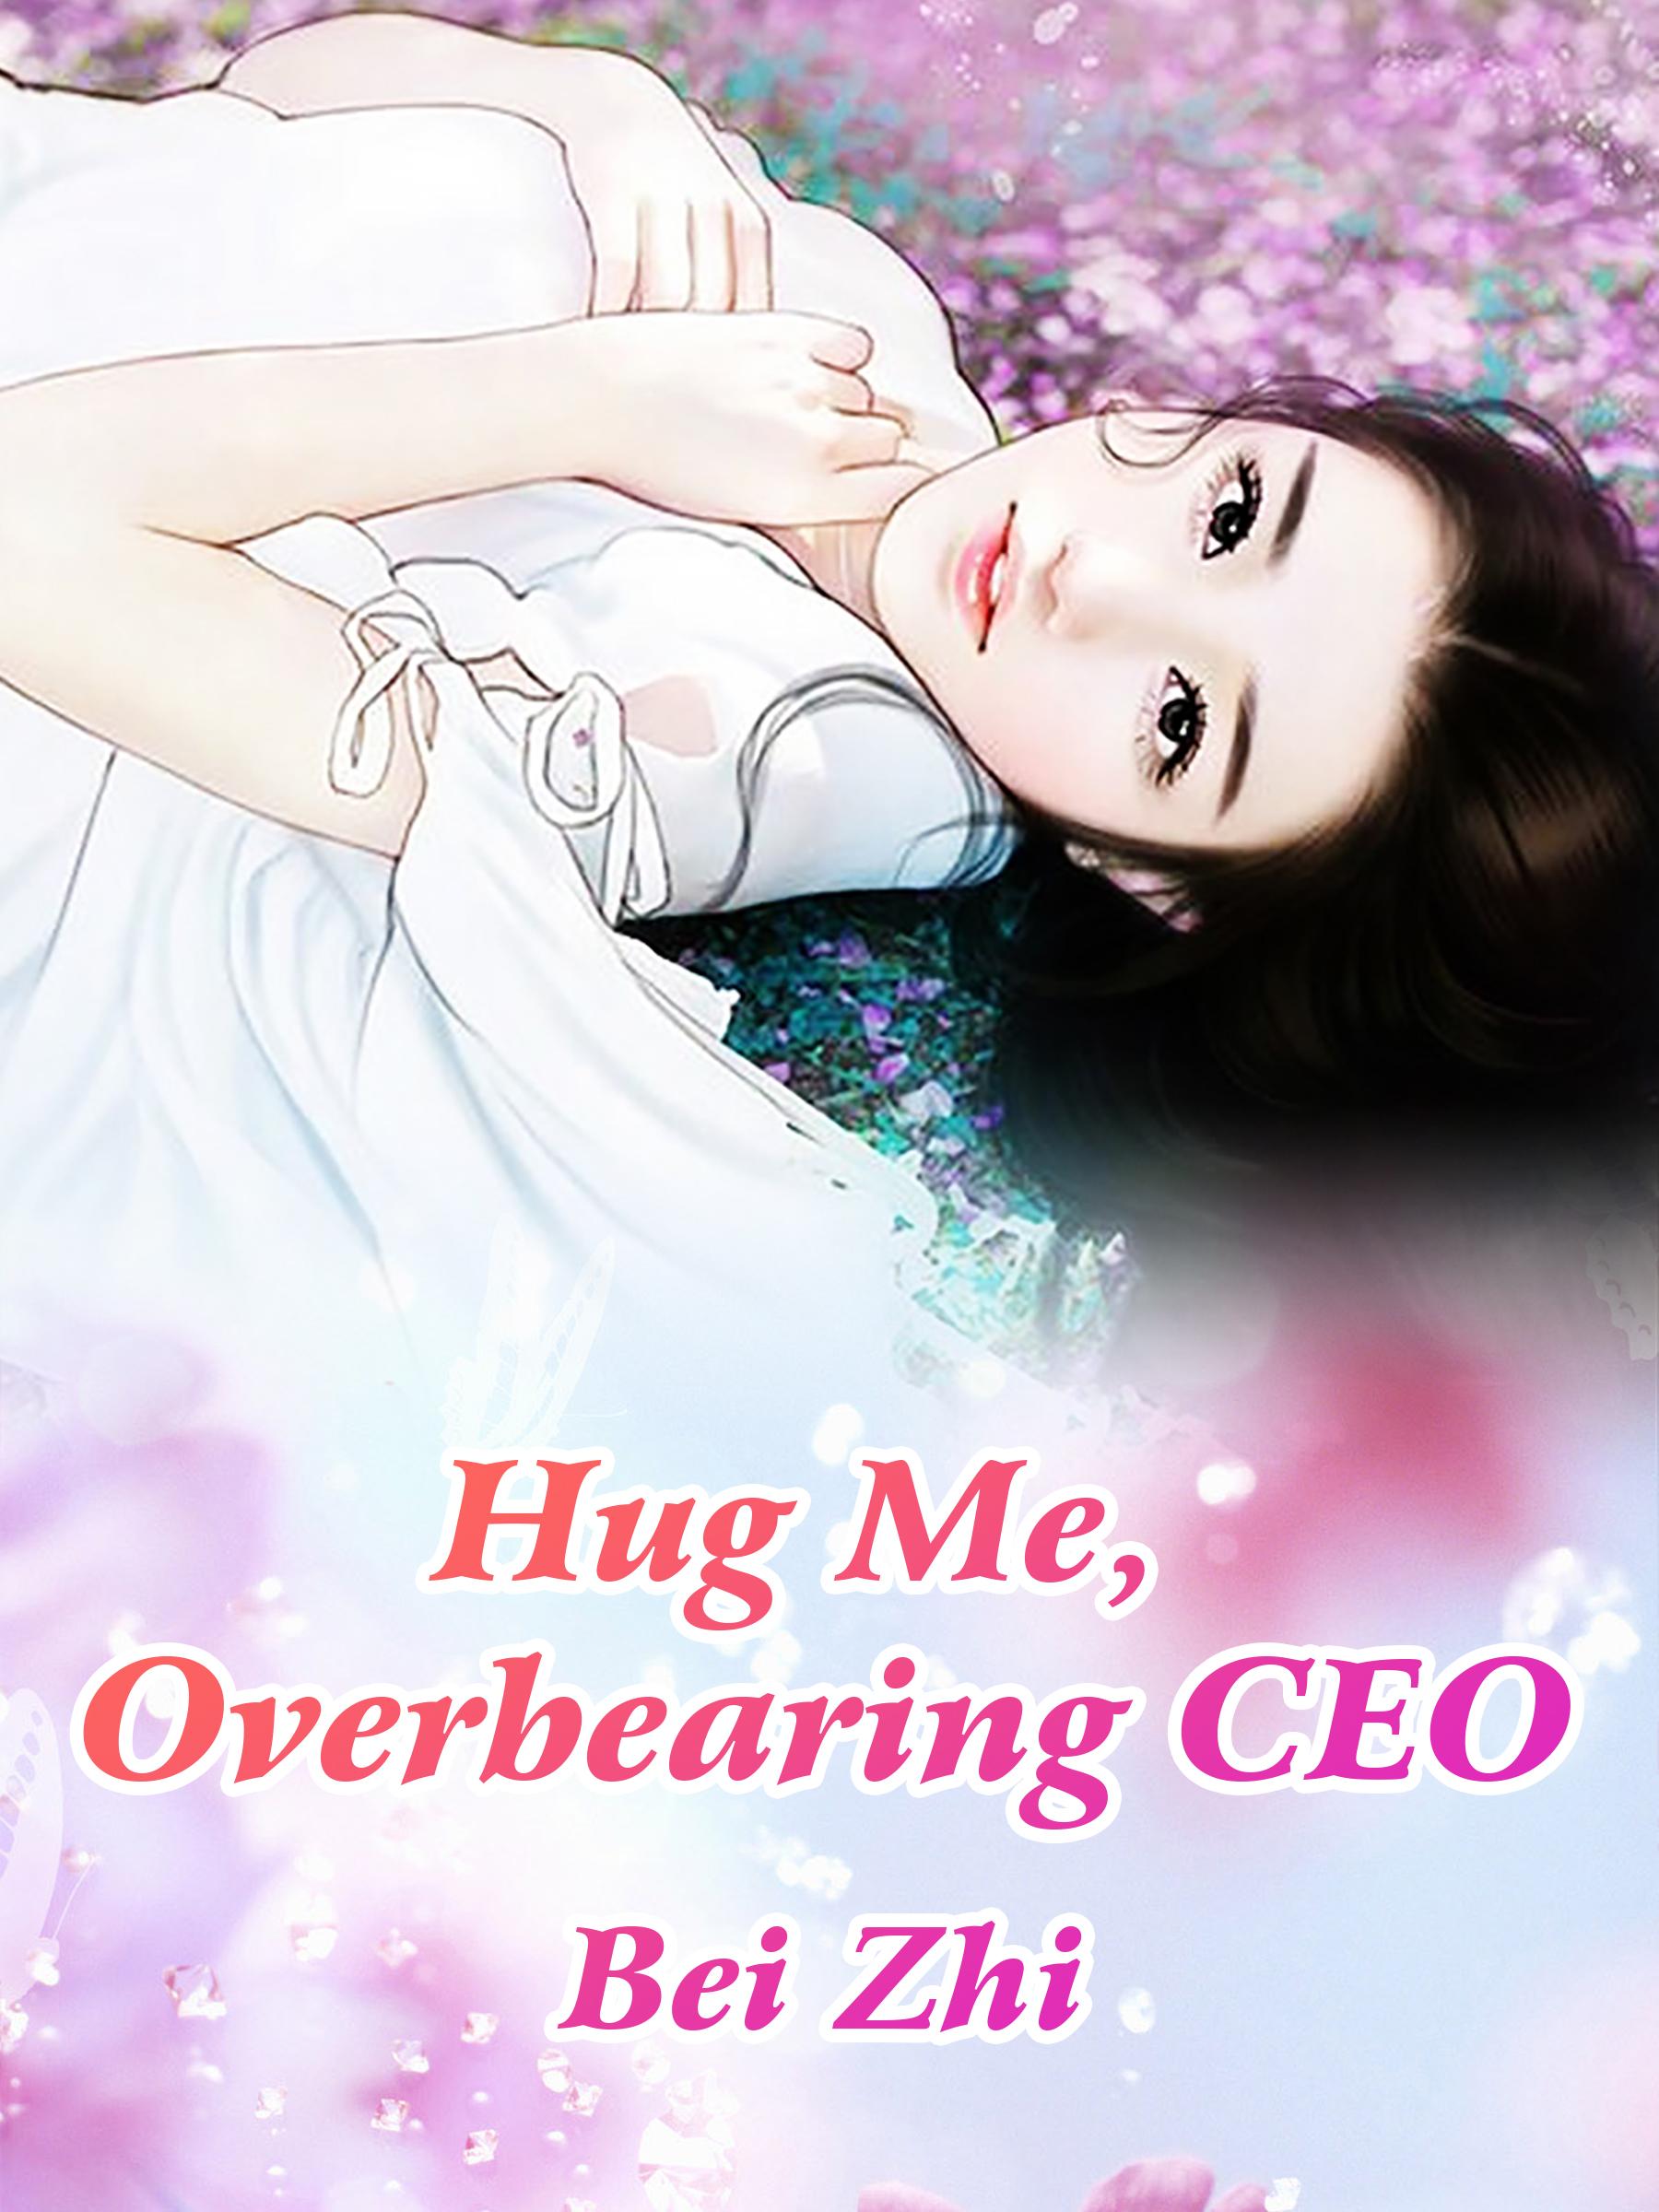 Hug Me, Overbearing CEO Novel Chapter 36 To 40 PDF